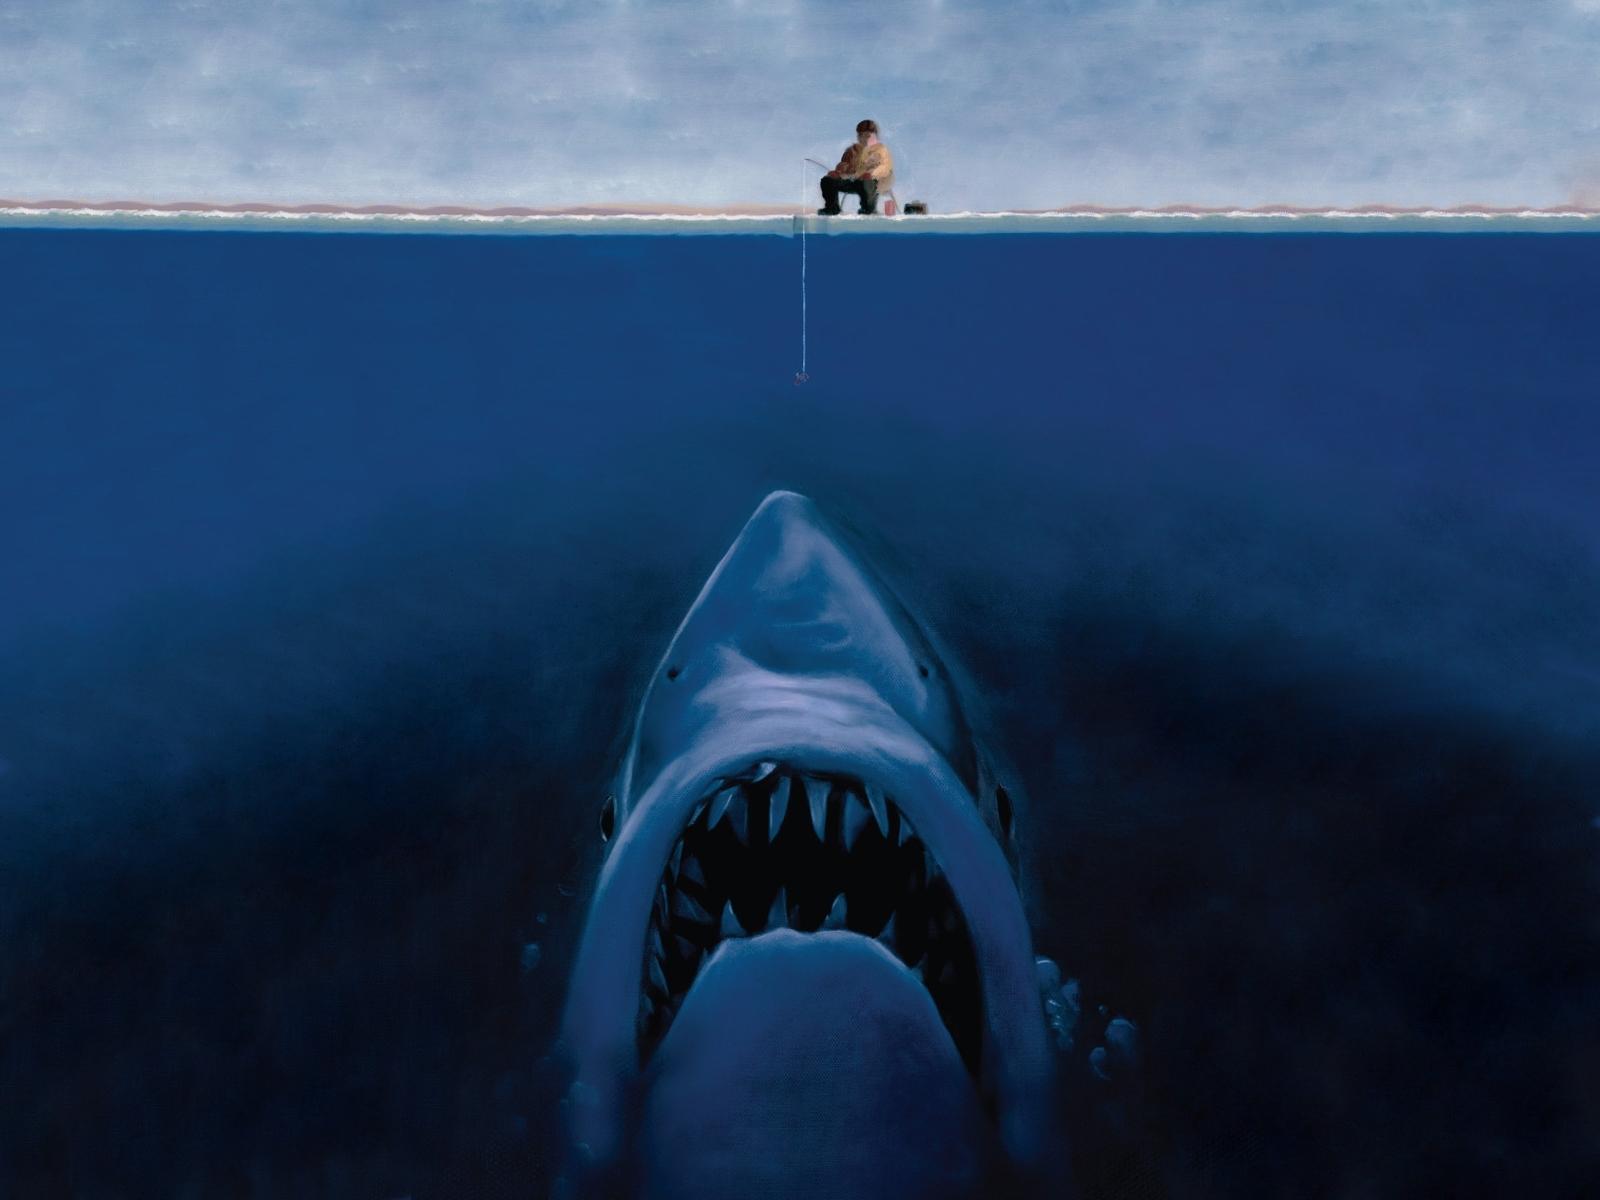 309 Bildschirmschoner und Hintergrundbilder Humor auf Ihrem Telefon. Laden Sie Humor, Tiere, Wasser, Sea, Sharks, Fische Bilder kostenlos herunter